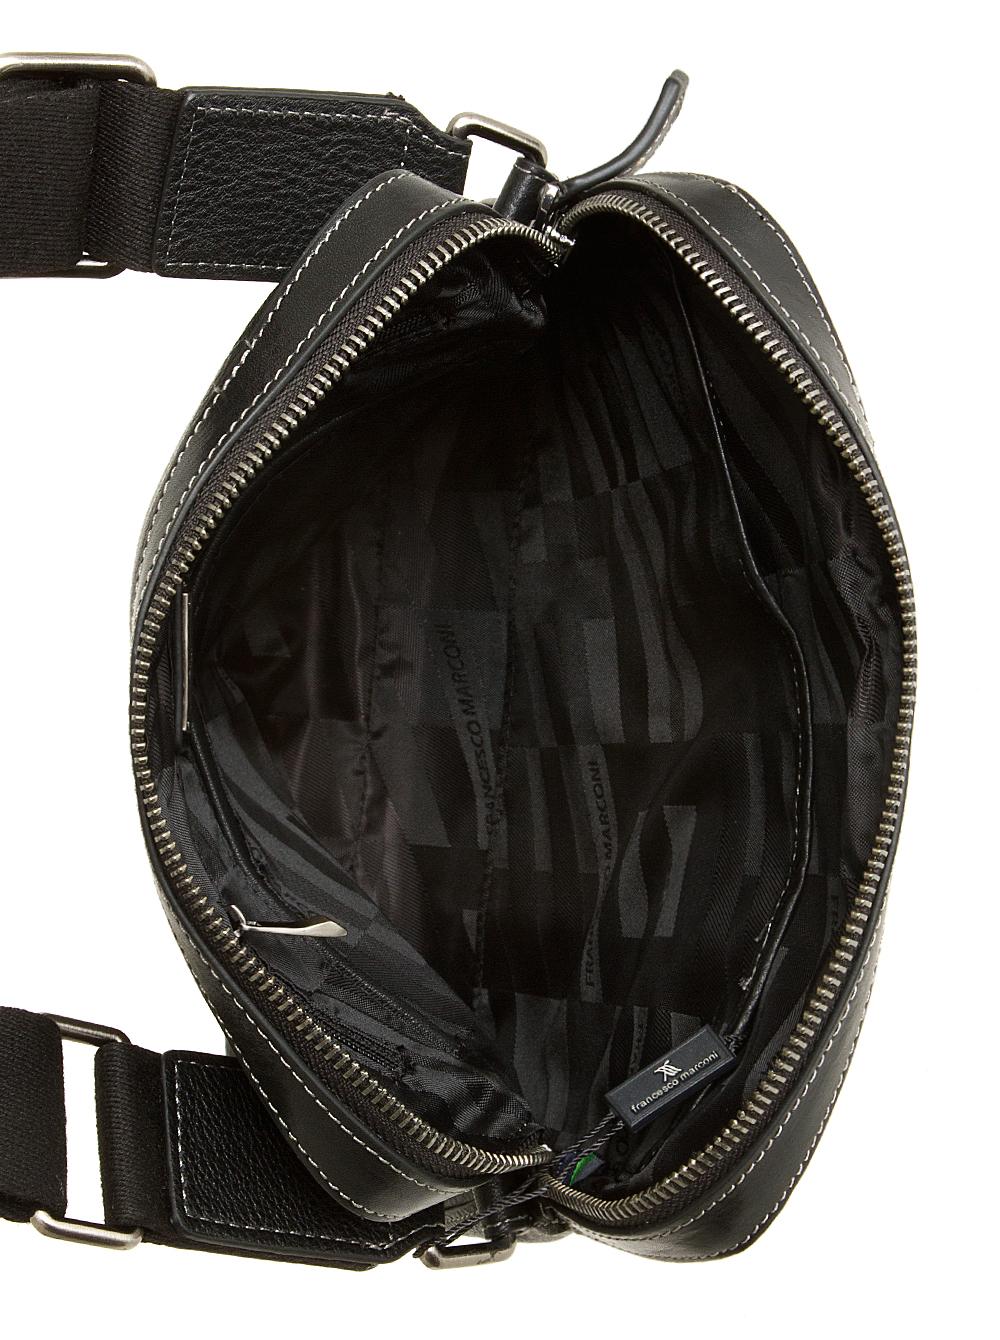 63cb5bf3f01d Мужская сумка Francesco Marconi 71173gd - цена 7500 руб, купить